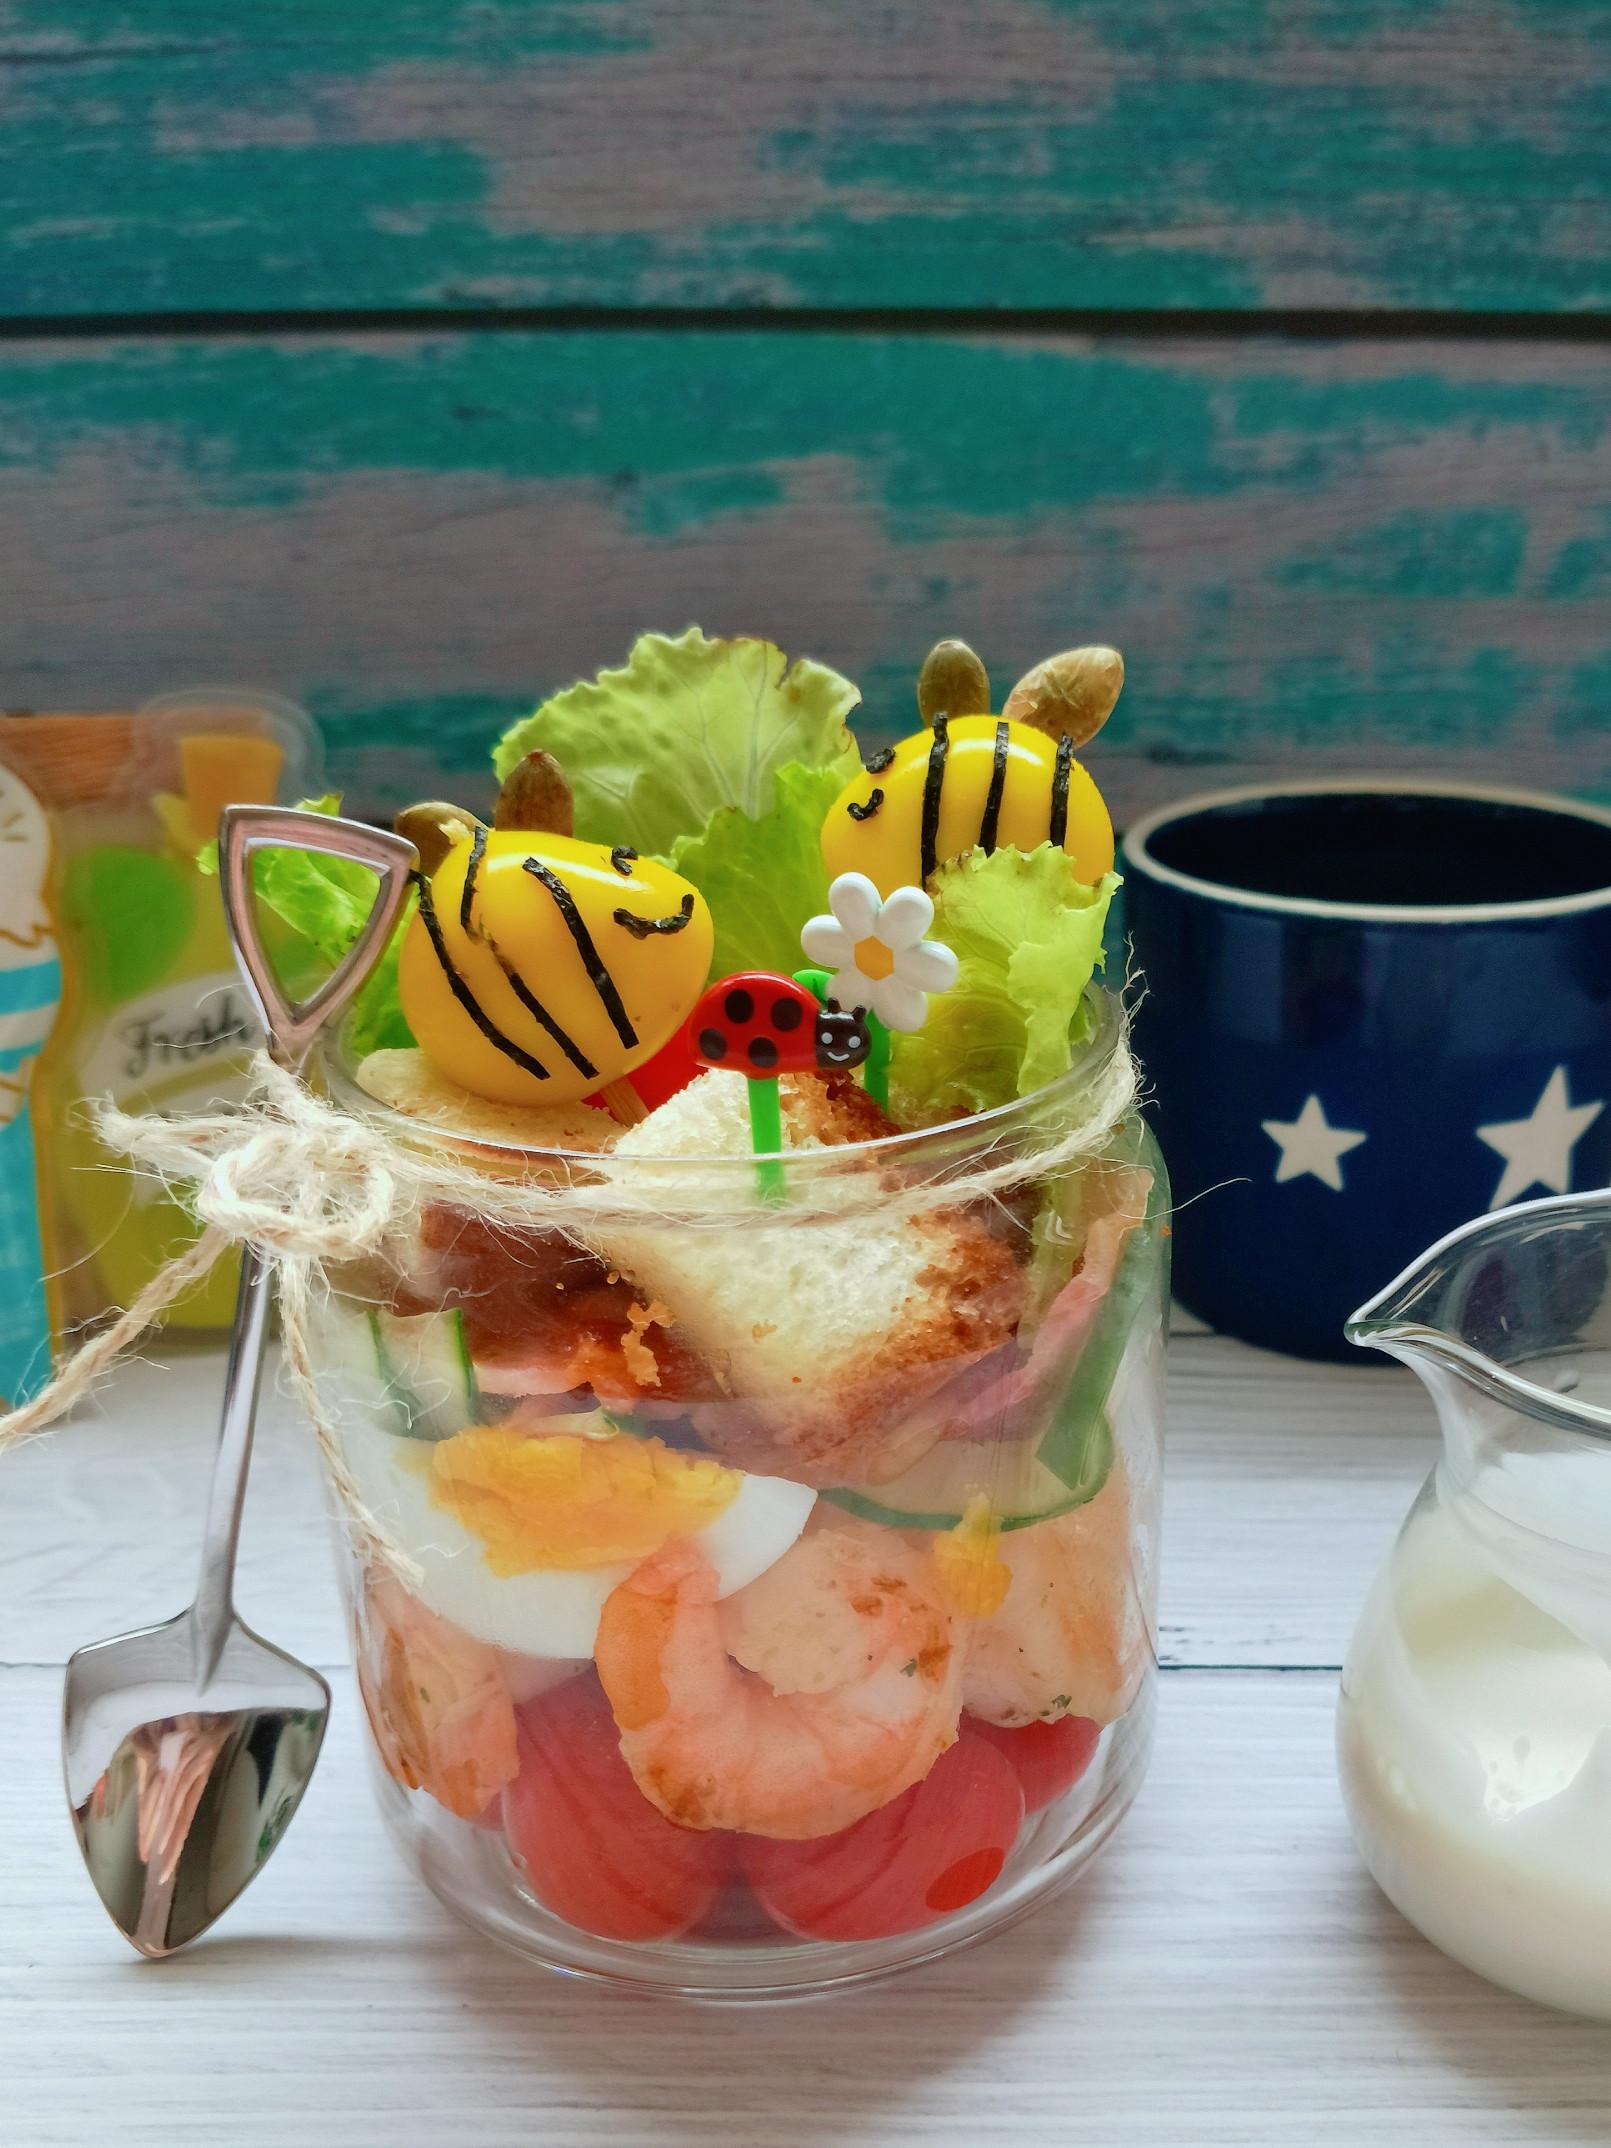 一週風味早餐就醬拌【桂冠風味沙拉開箱文】的第 1 張圖片